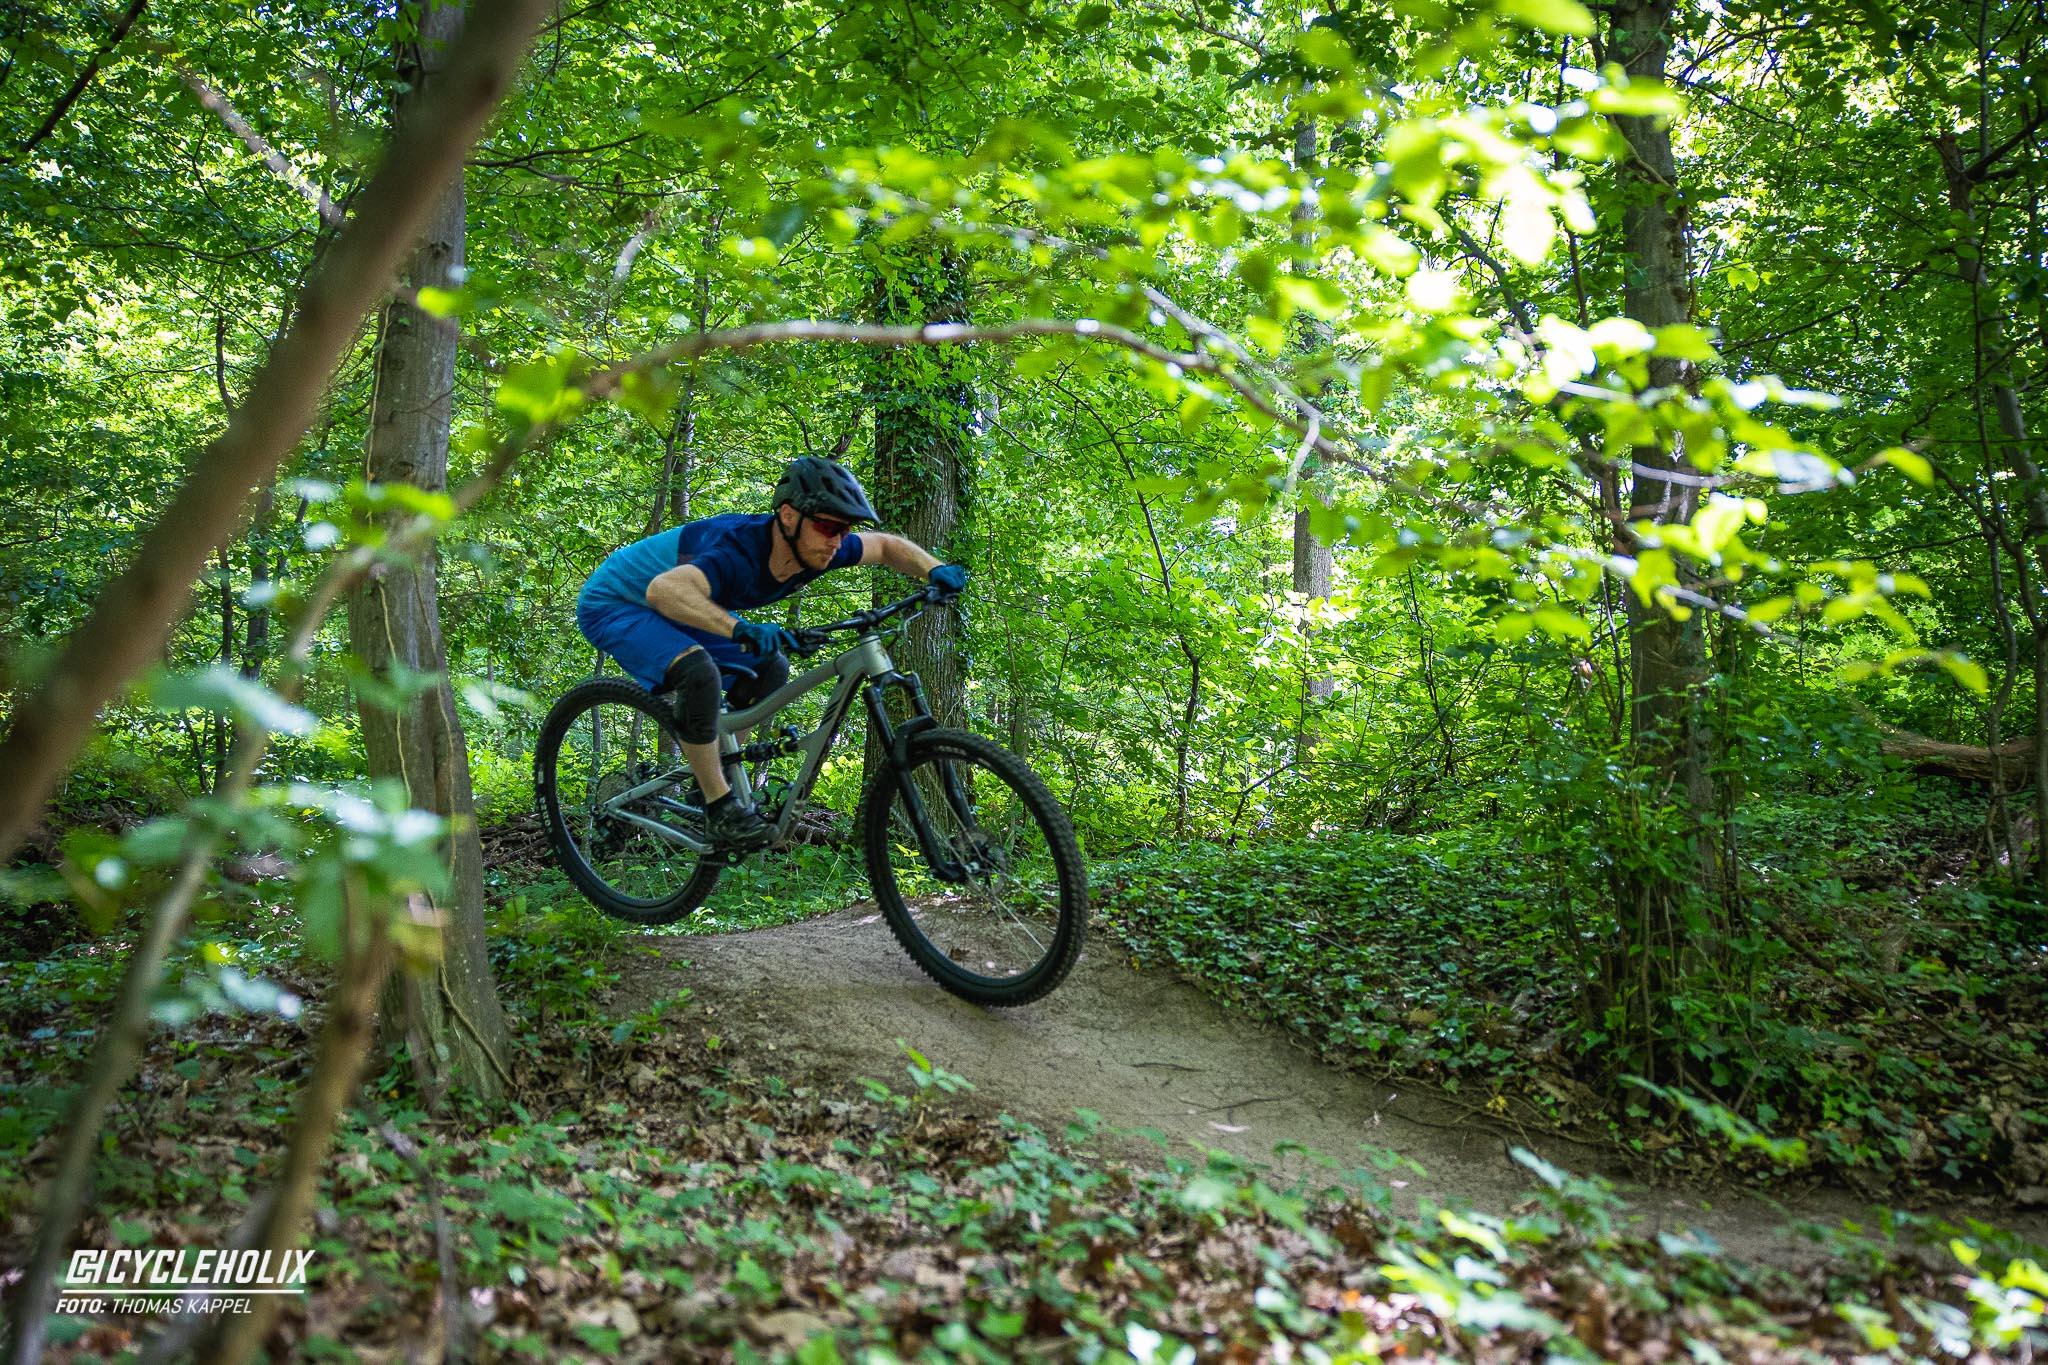 Onza Ibex 2021 6 Cycleholix